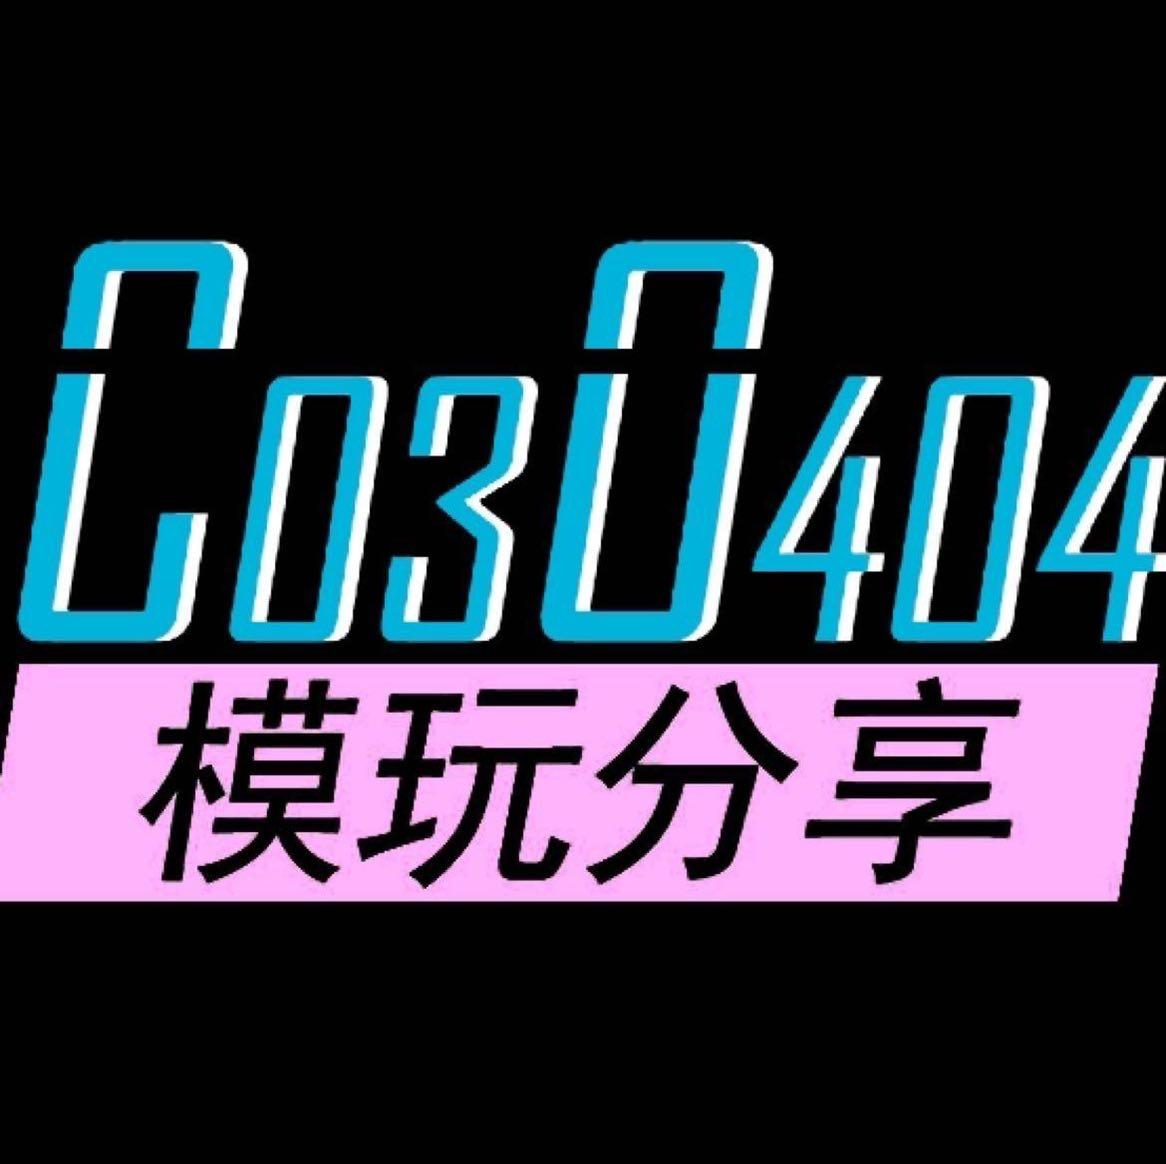 c030404模玩分享